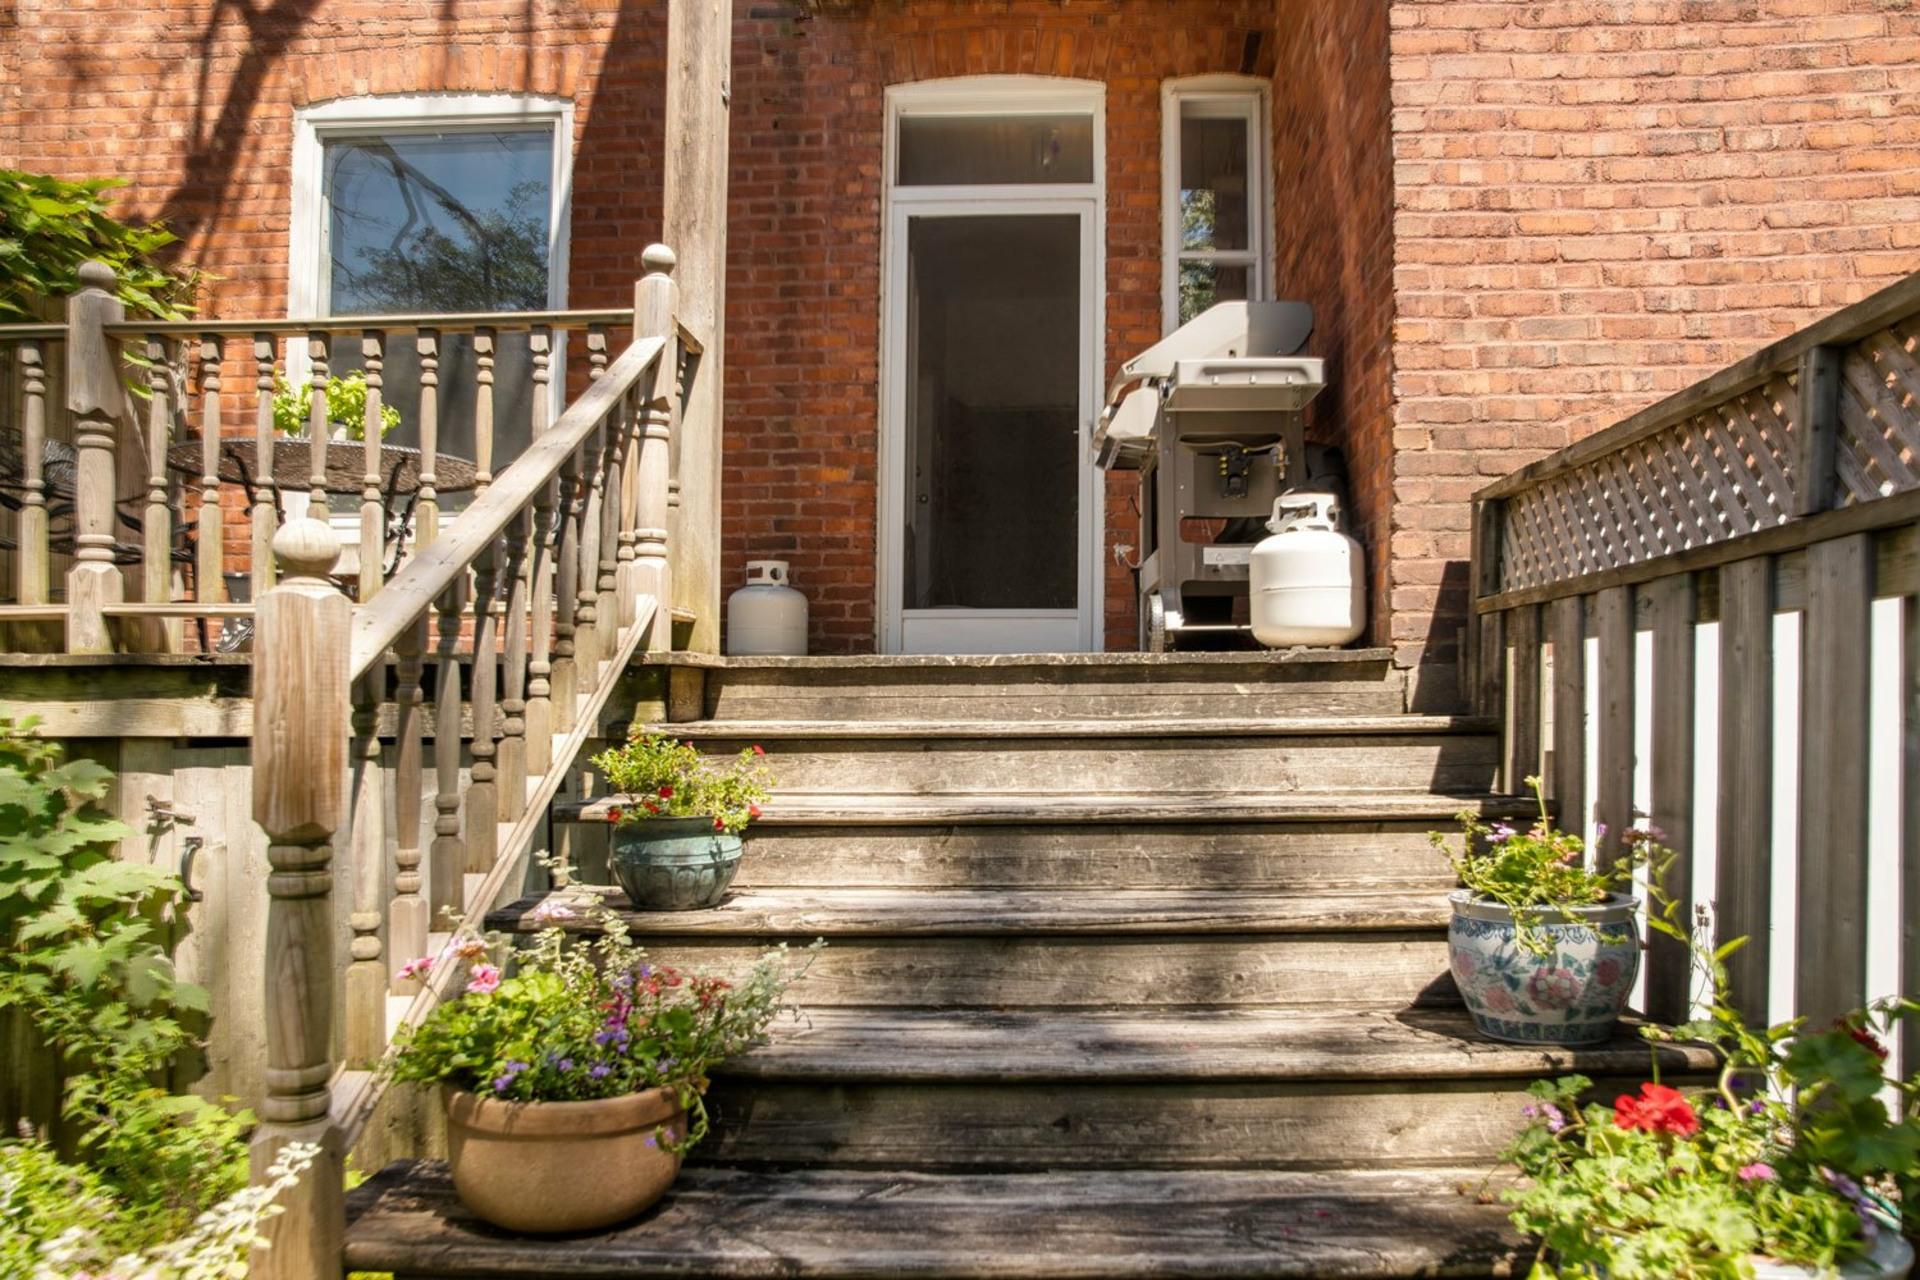 image 19 - Maison À vendre Côte-des-Neiges/Notre-Dame-de-Grâce Montréal  - 10 pièces